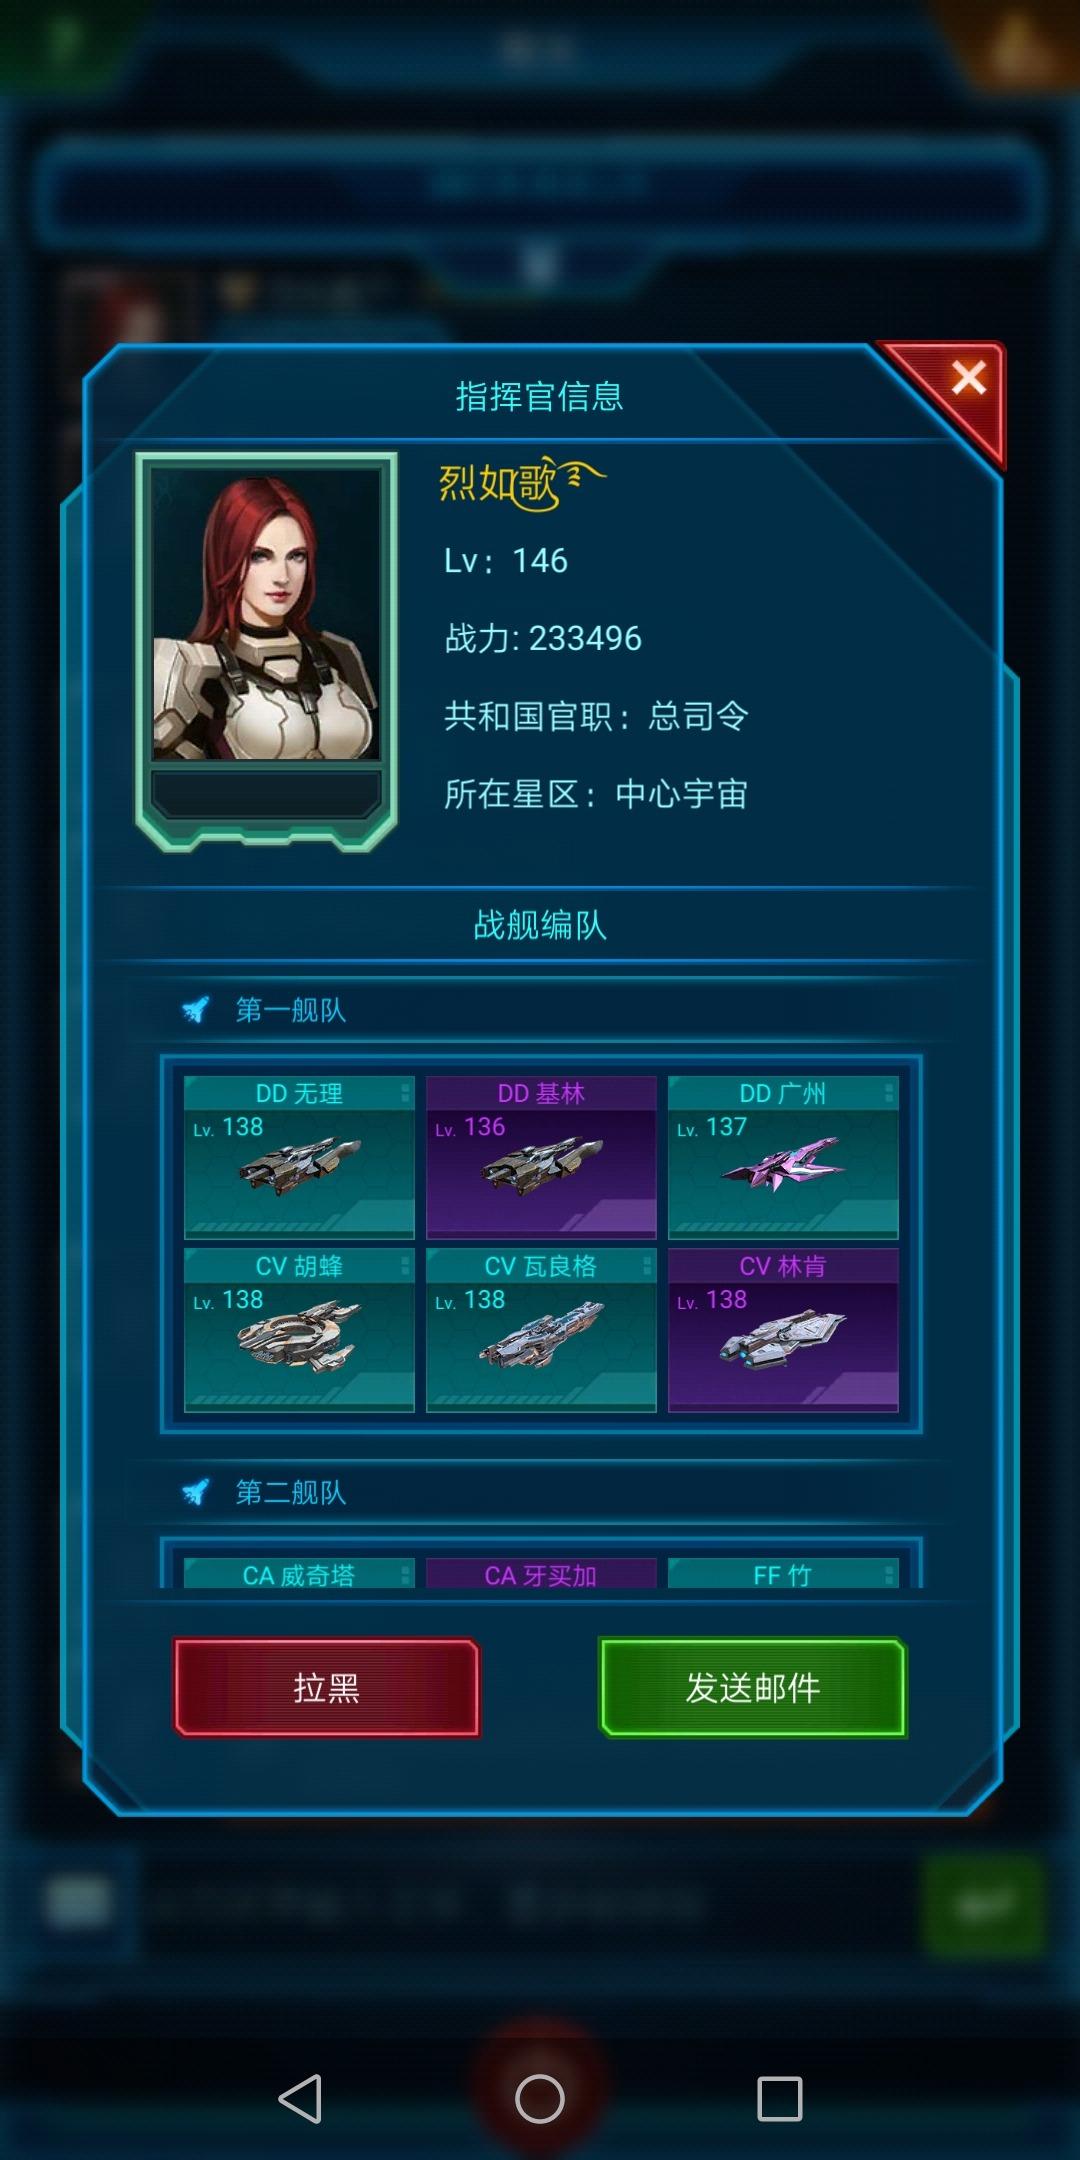 Screenshot_20181204-050249.jpg